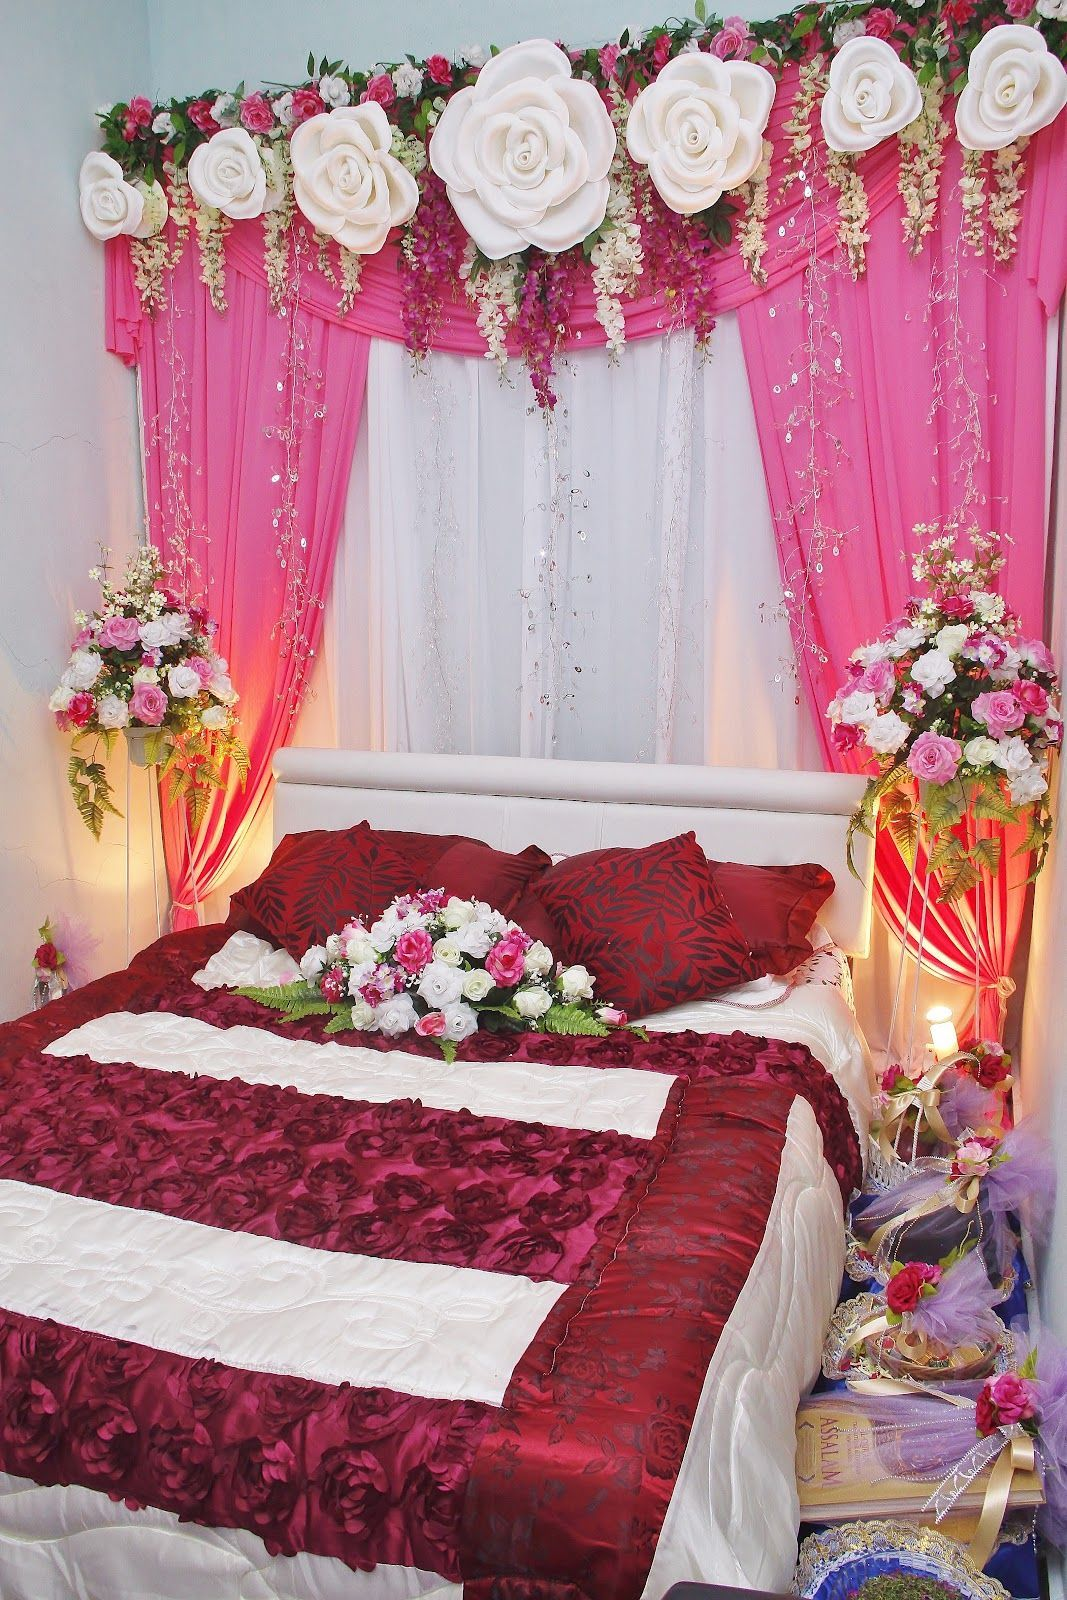 46 Valentines Day Decor Bedroom Romantic | Romantic ...